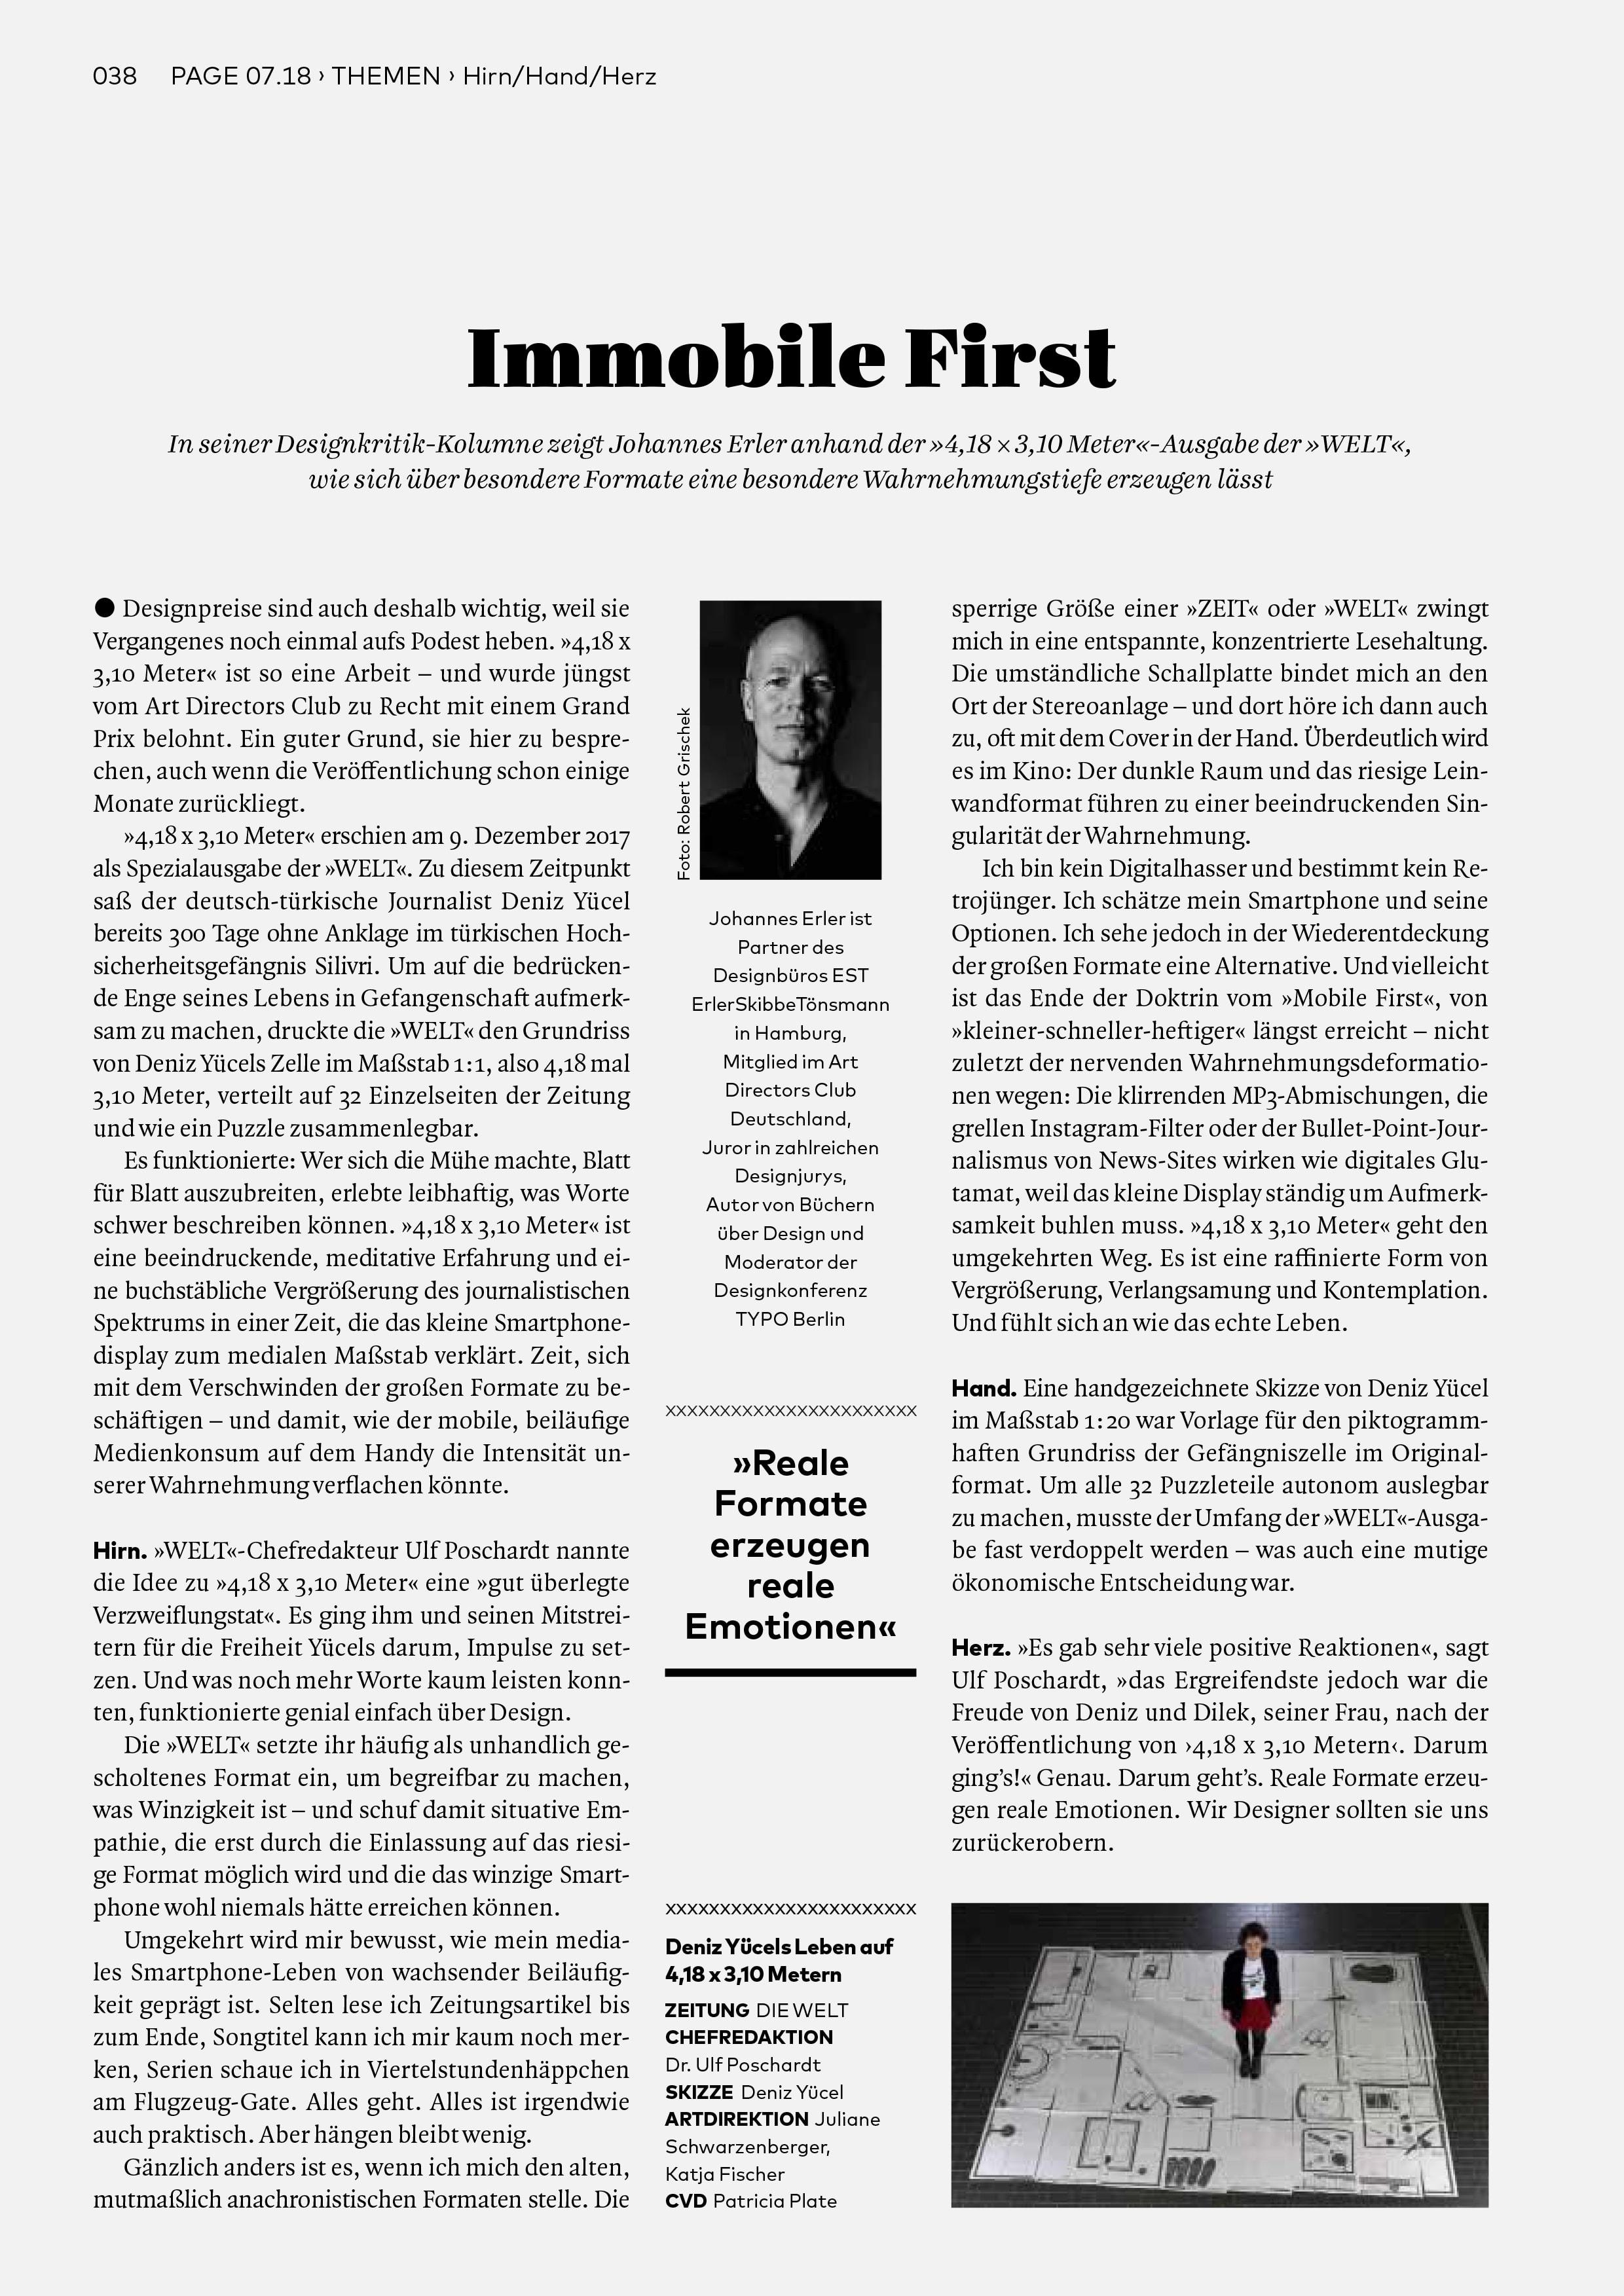 Bureau Johannes Erler – Designkritik-Kolumne #3: Deniz Yücels Leben auf 4,18 x 3,10 m